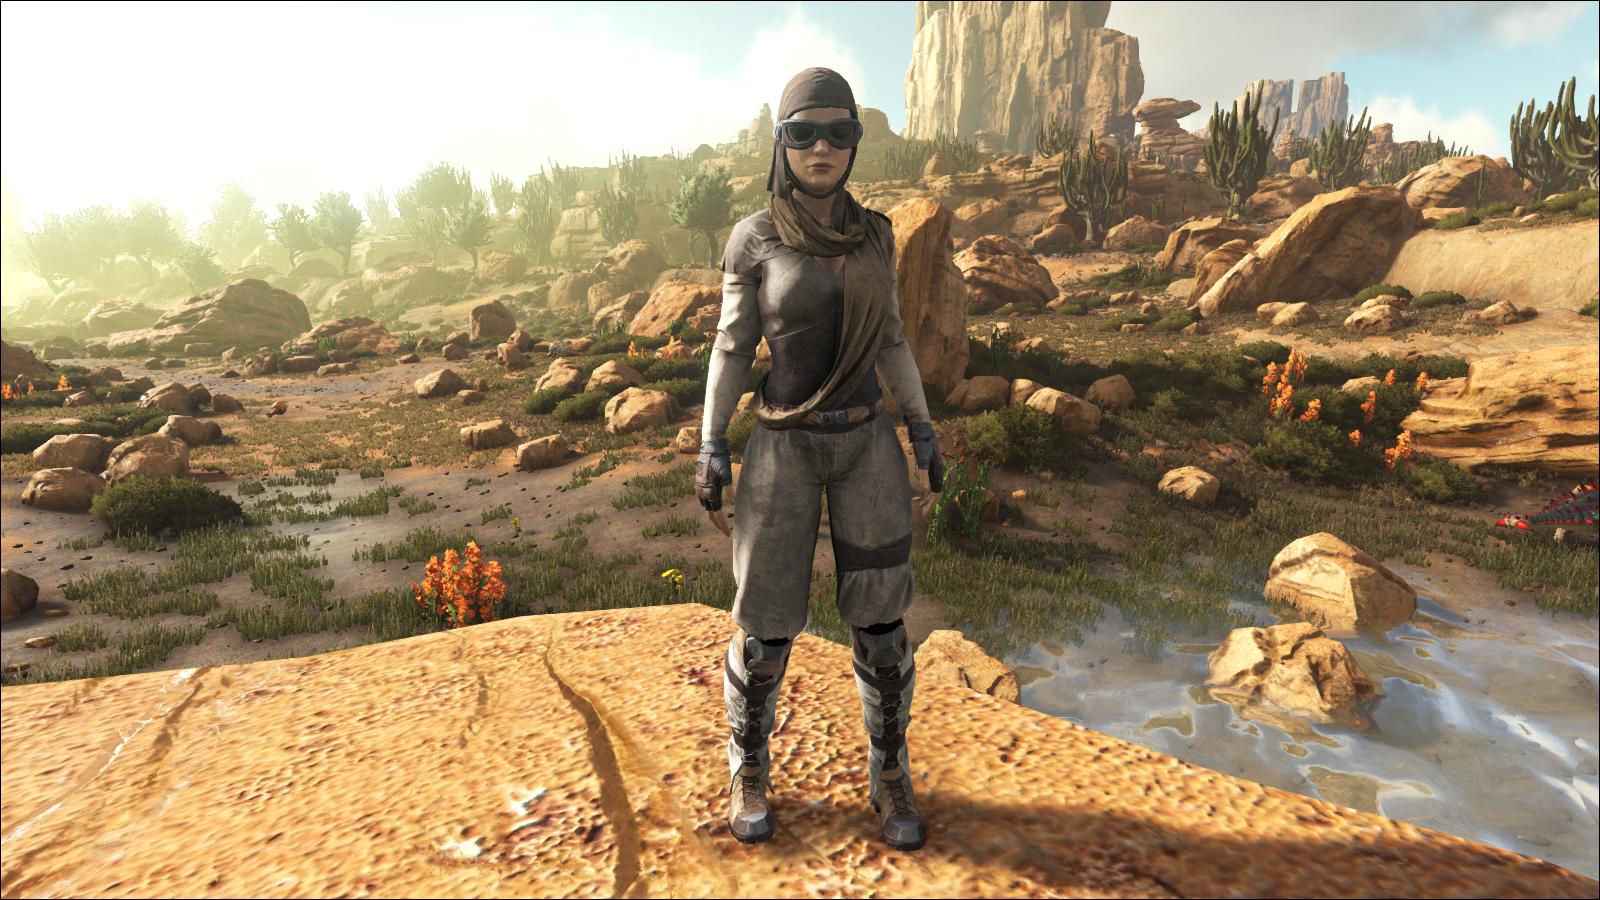 A full set of Desert Armor on the female character.